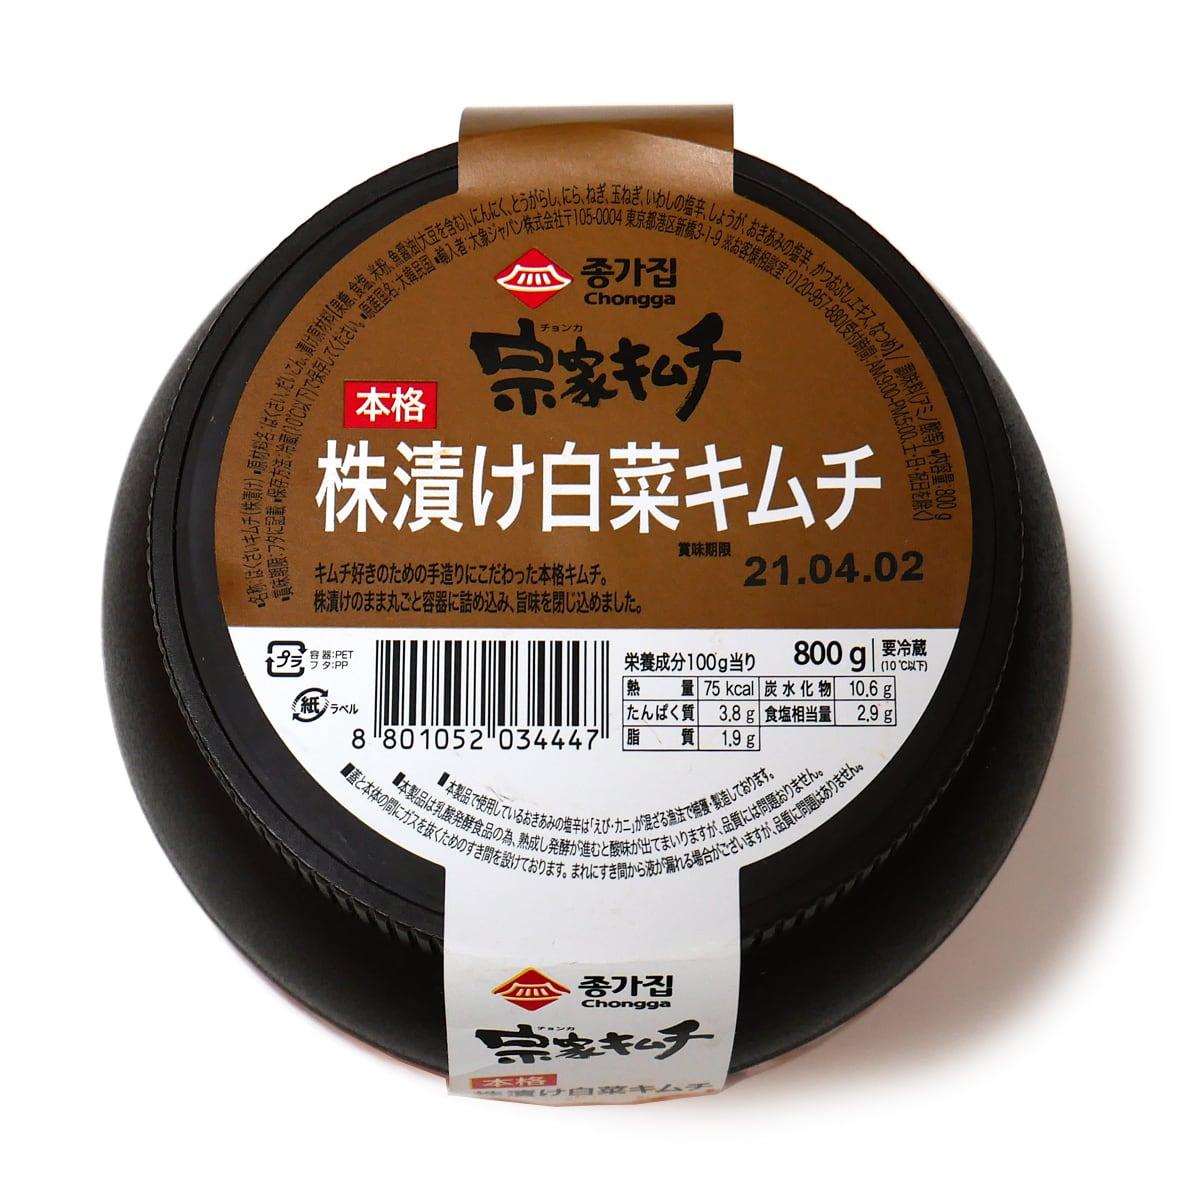 宗家キムチ 本格株漬け白菜キムチ 800g 商品ラベル(原材料・カロリーほか)